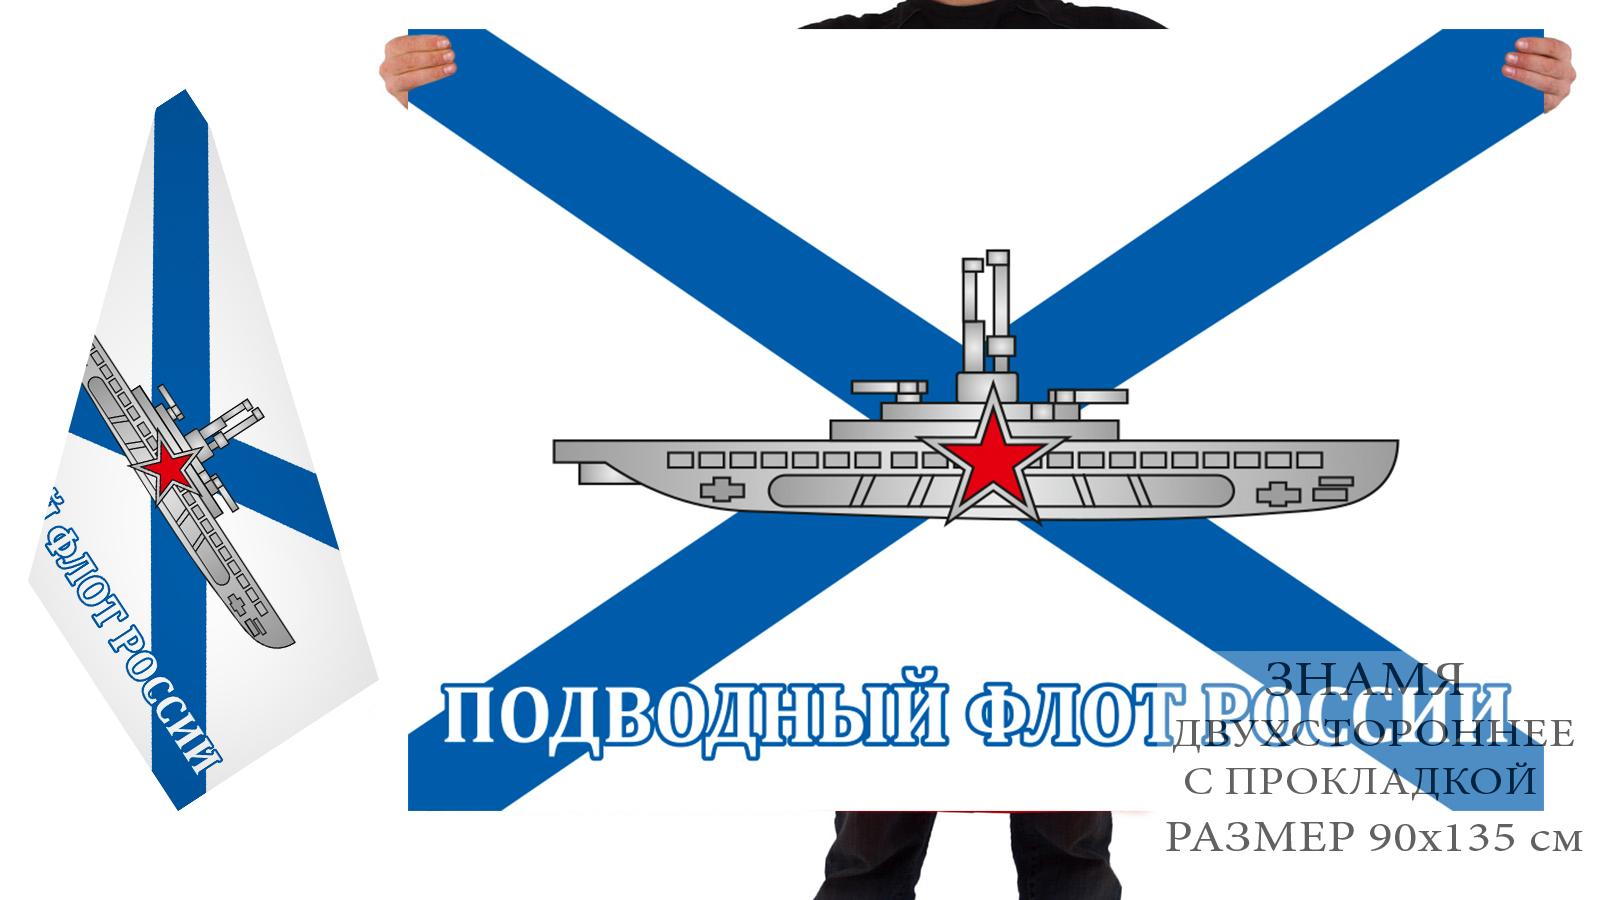 Двусторонний флаг подводного флота России